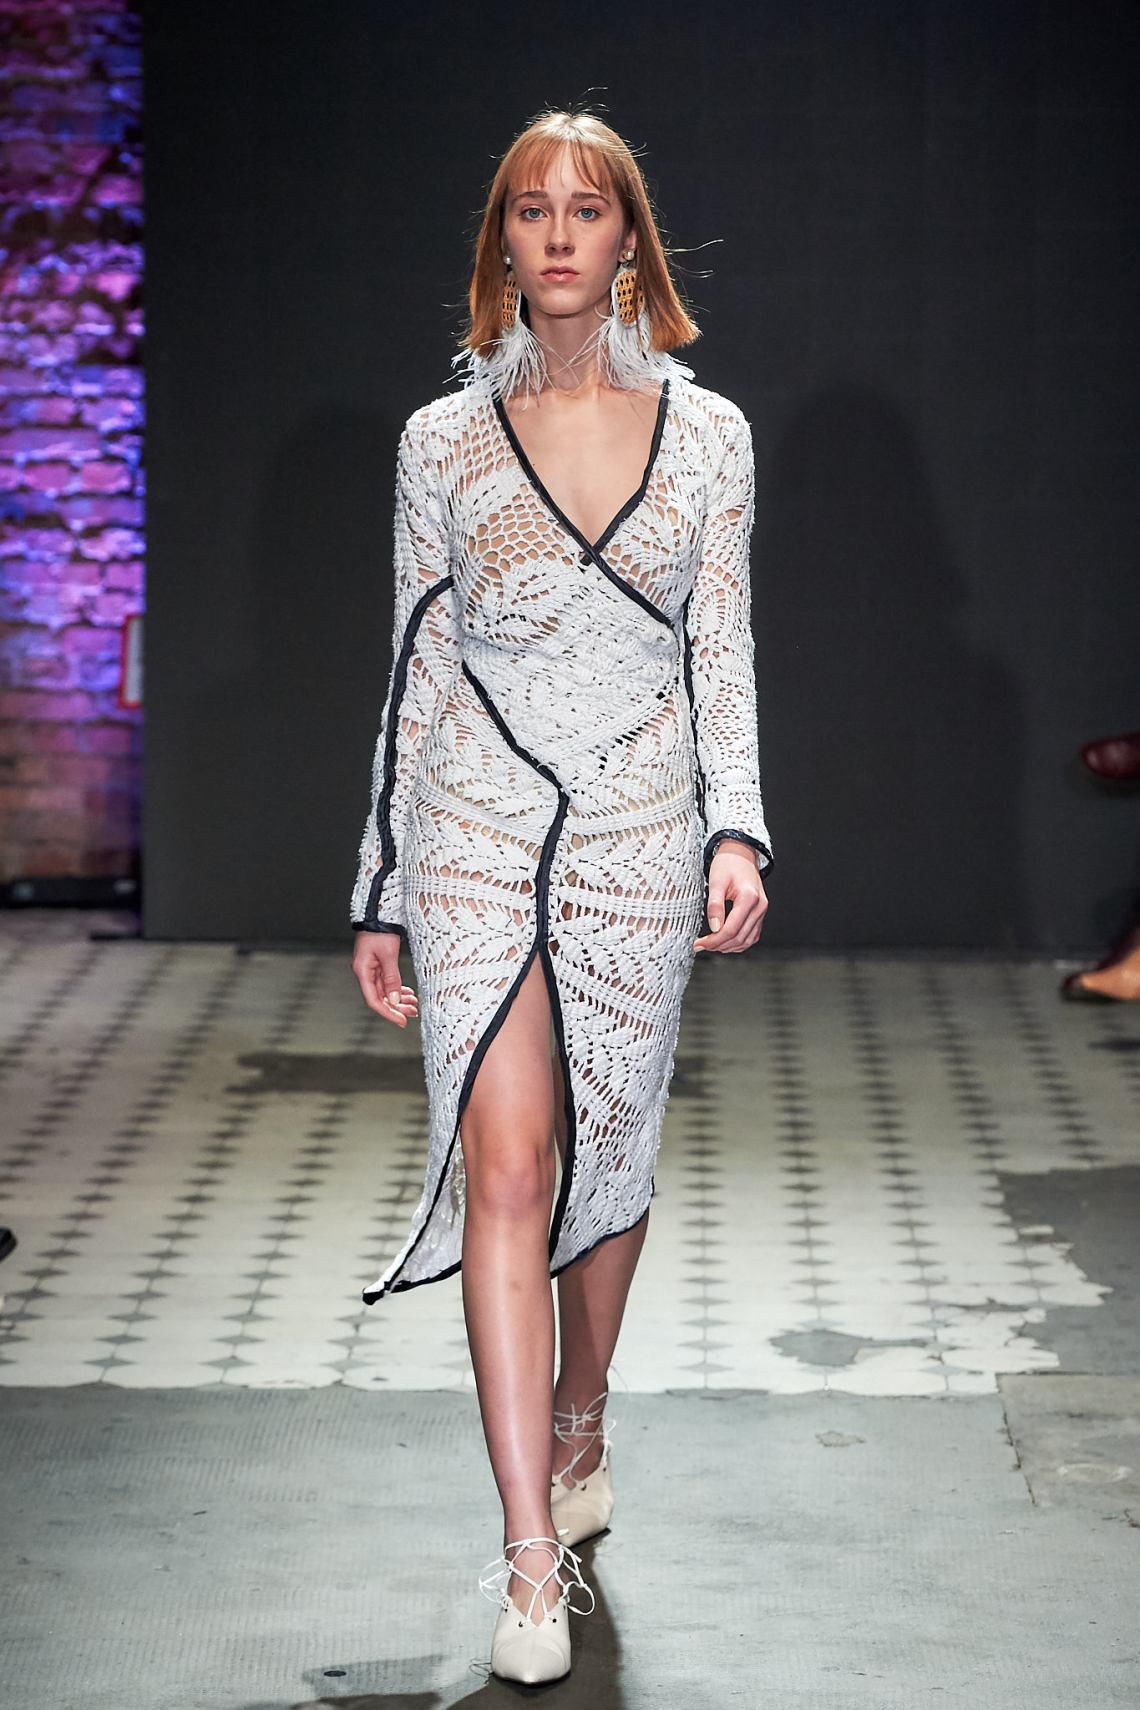 4_KTW_DAY2_121019_CHODOROWICZ_lowres-fotFilipOkopny-FashionImages